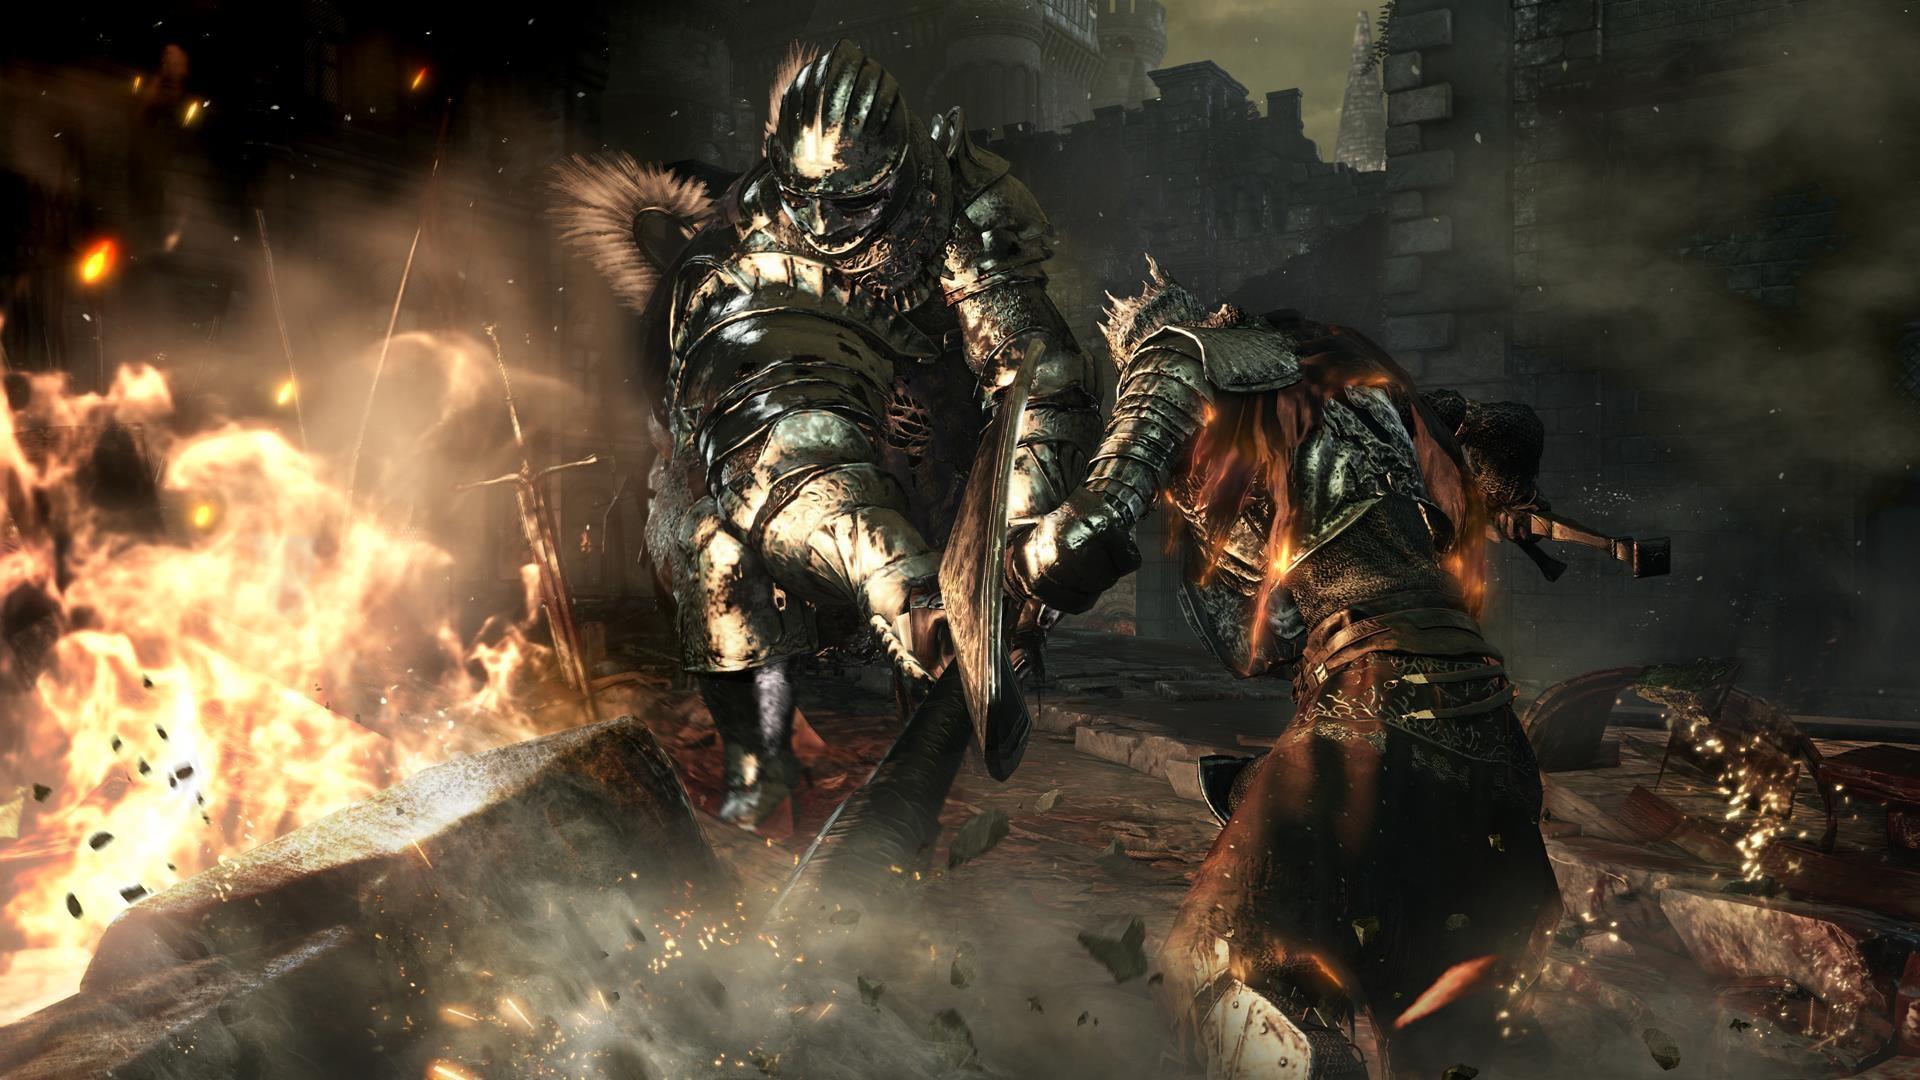 Dark Souls 3 Gameplay. Dark Souls 2 Wallpaper …